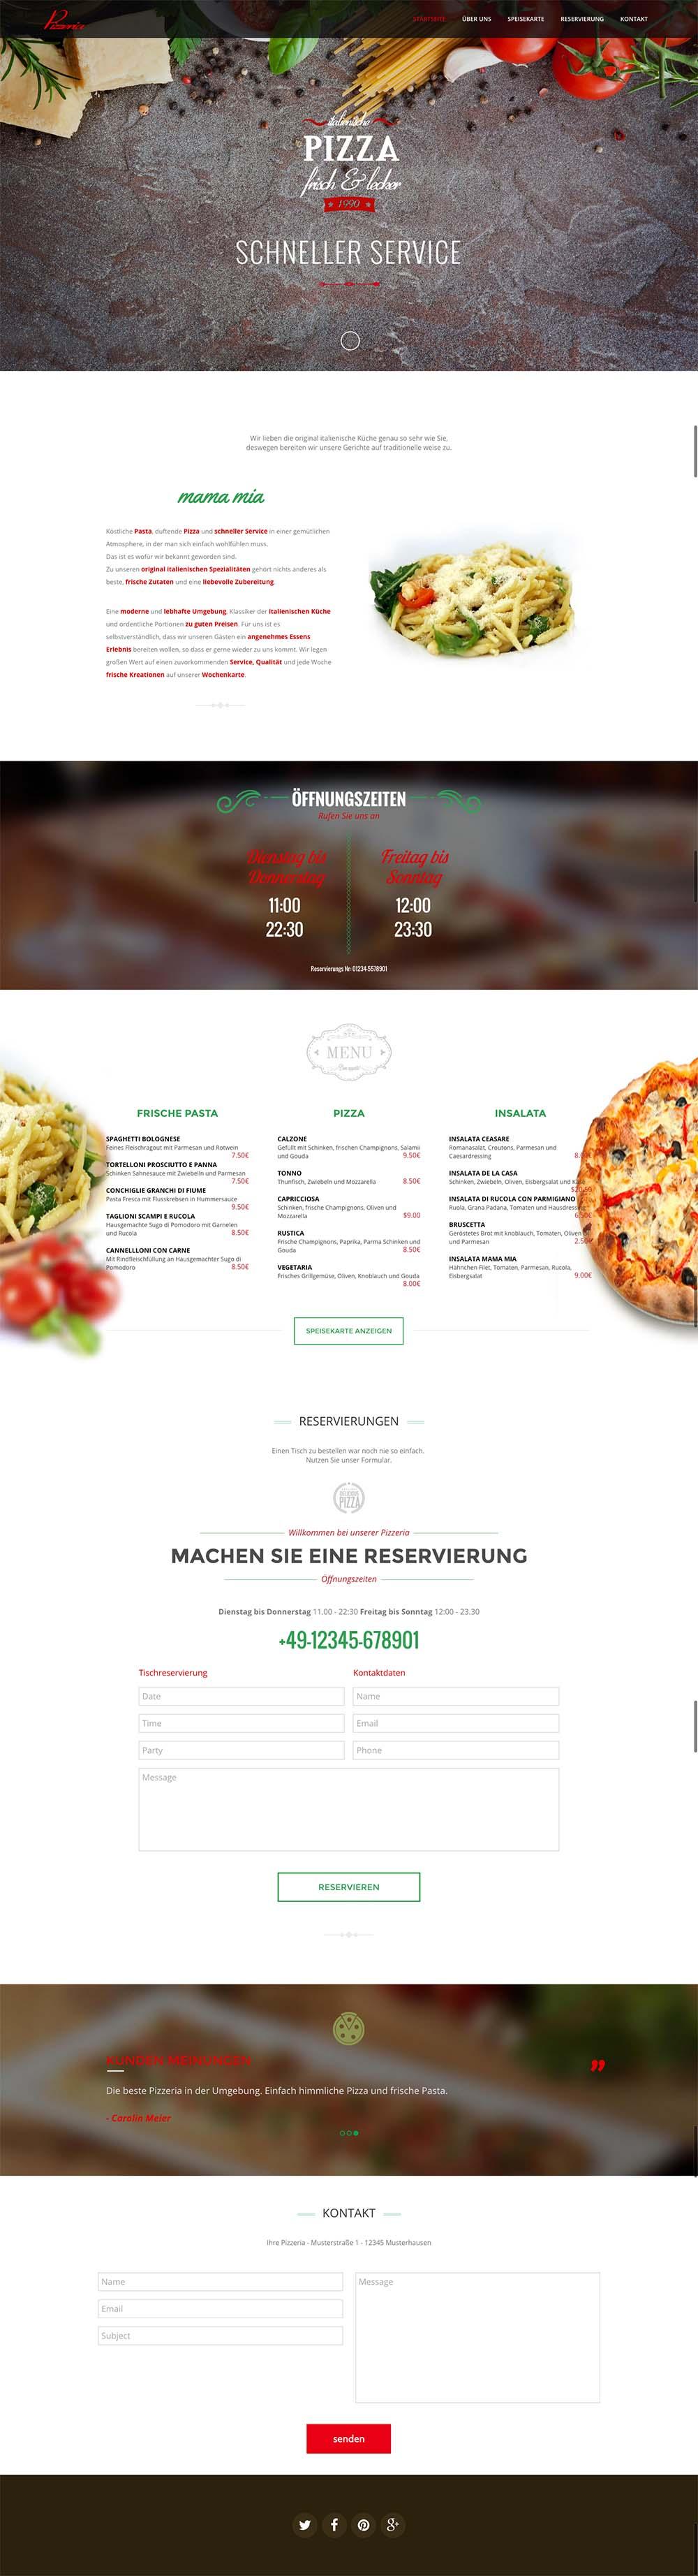 Pizzeria Webseite